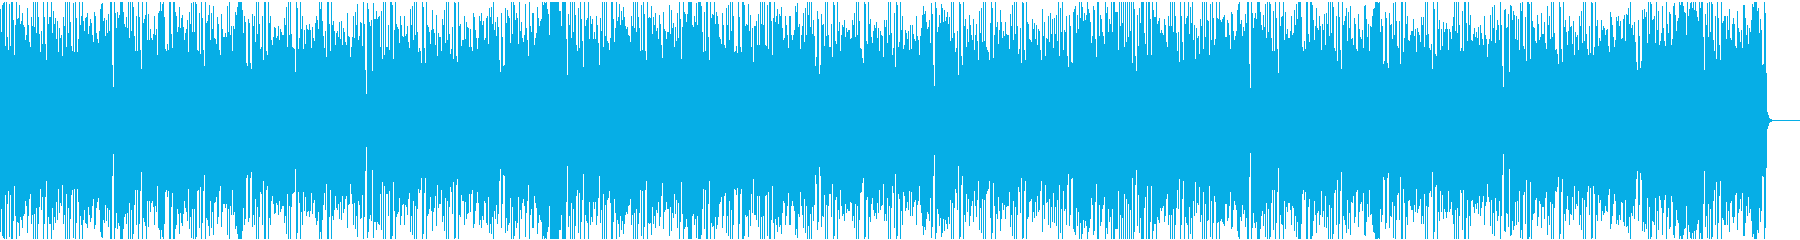 かわいいコミカルの再生済みの波形